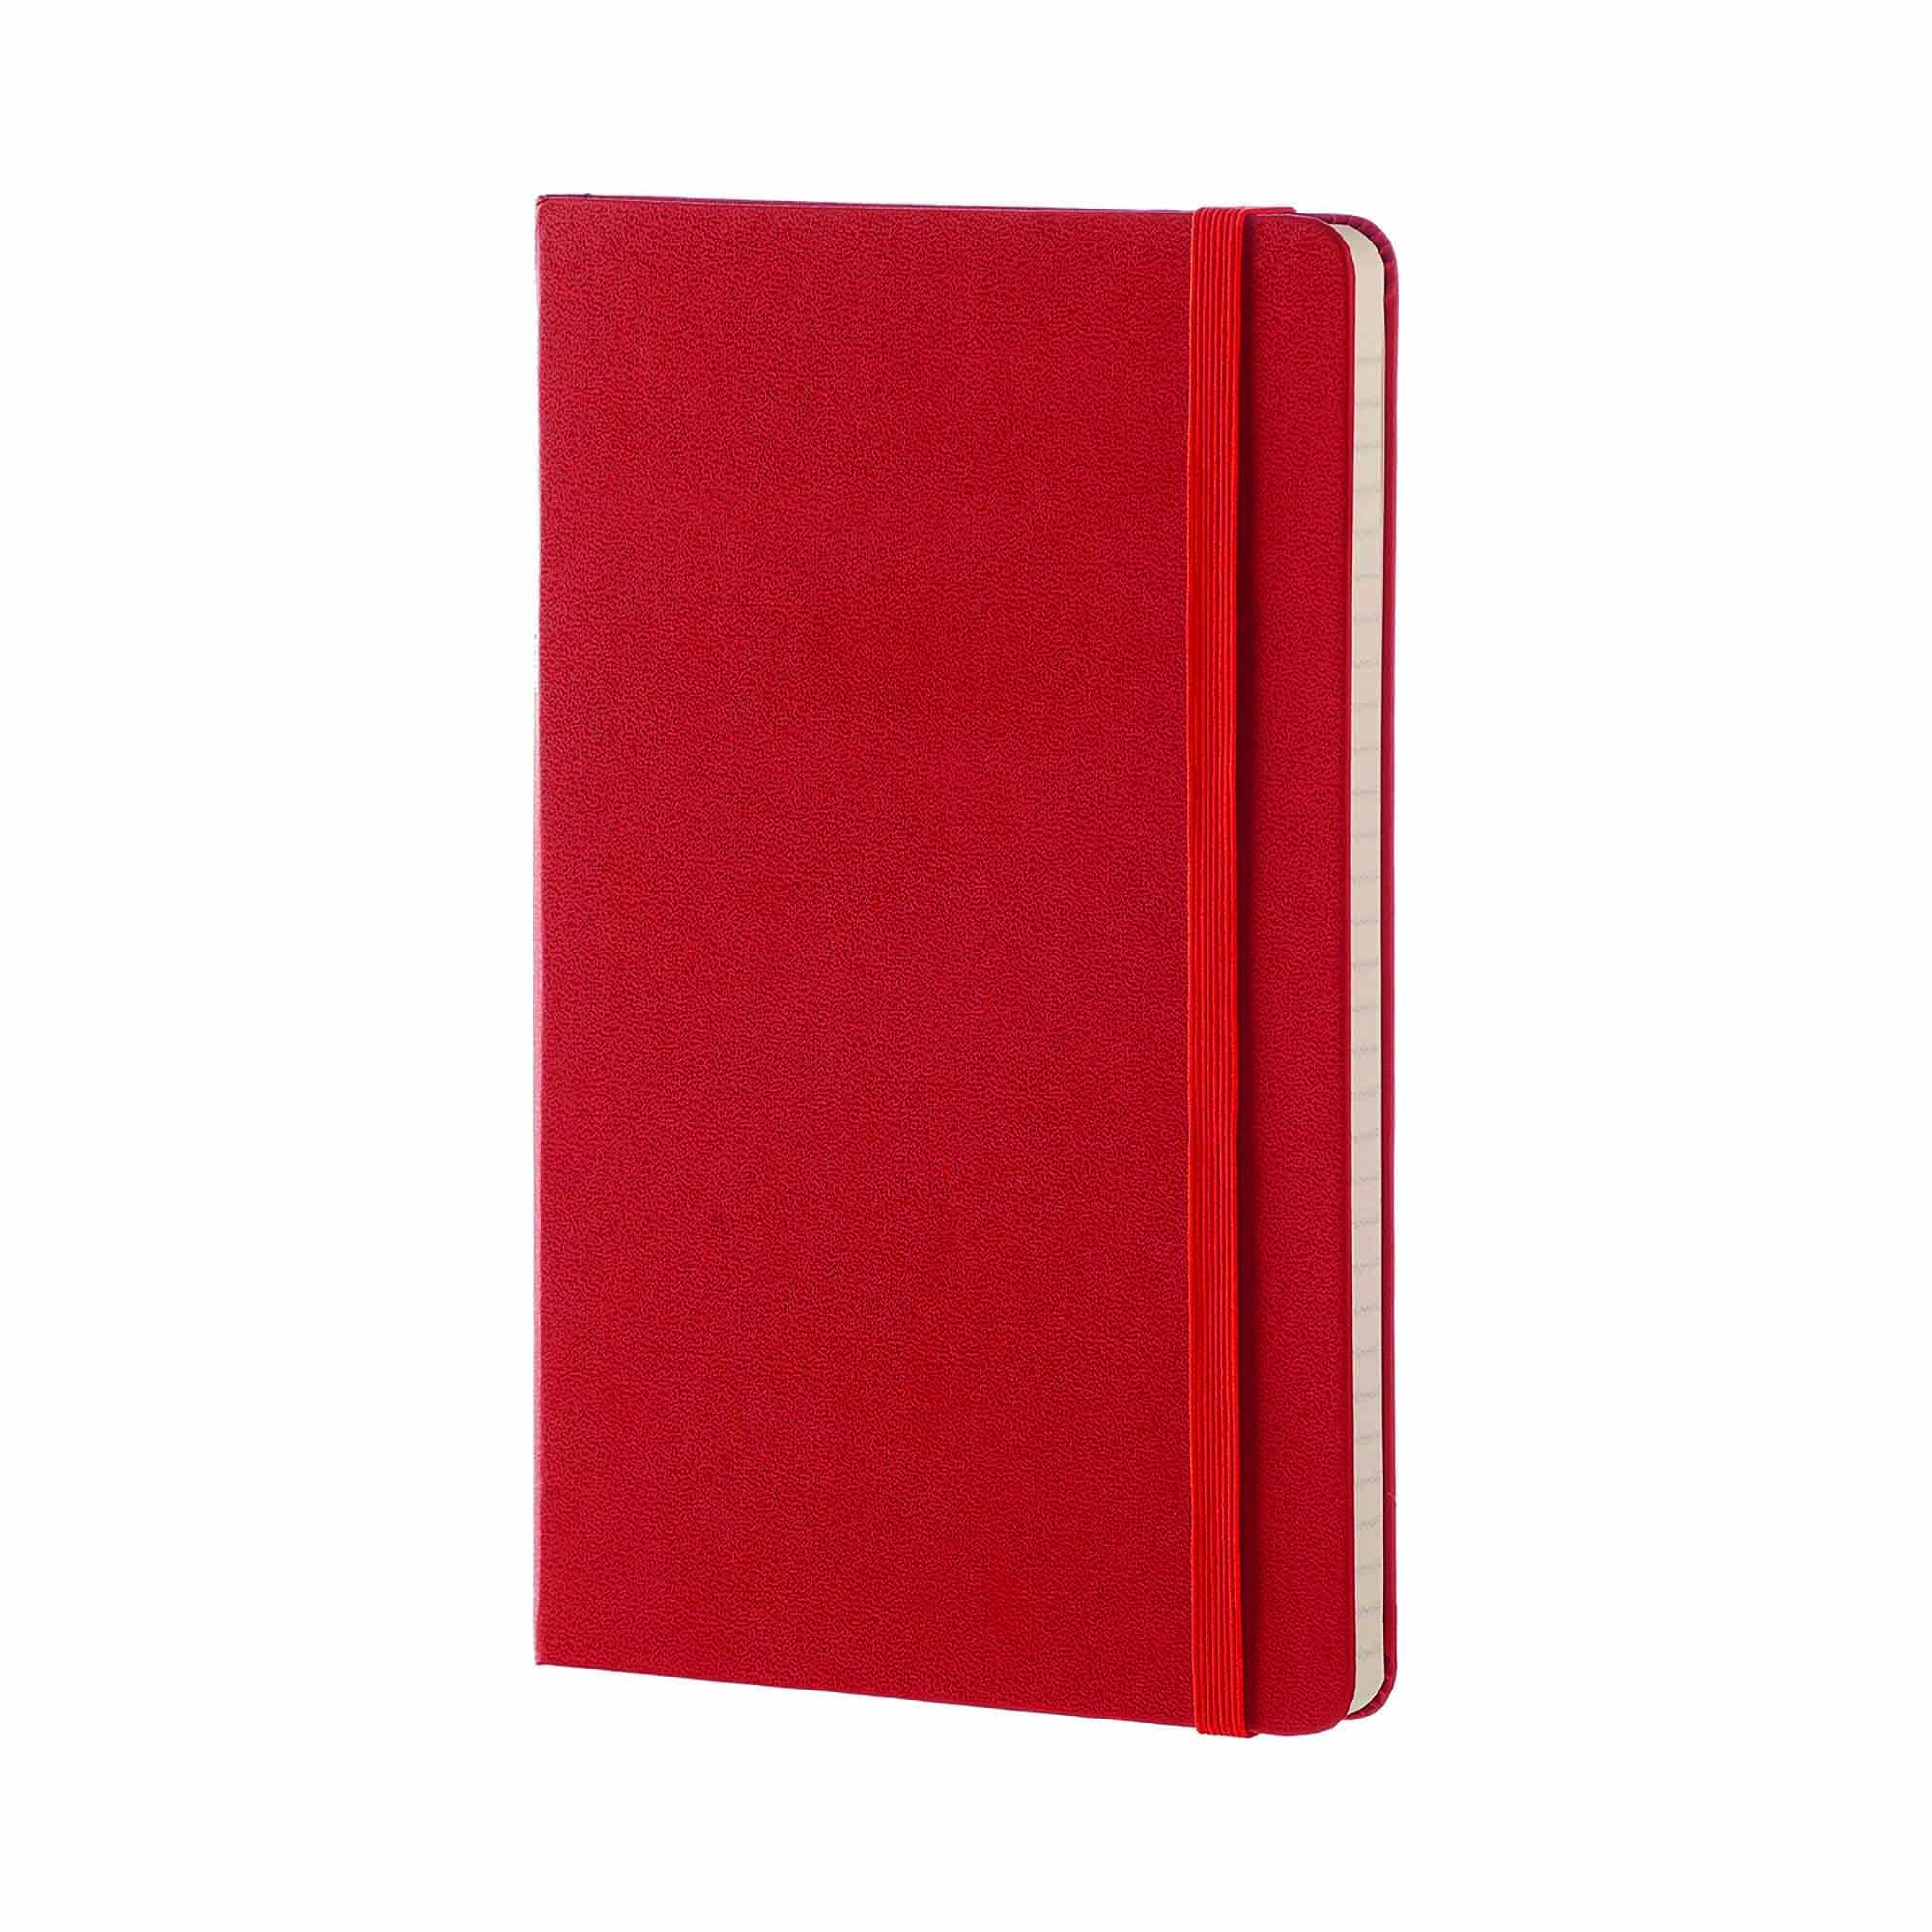 Carnet classique de poche avec papier à rayures MOLESKINE®